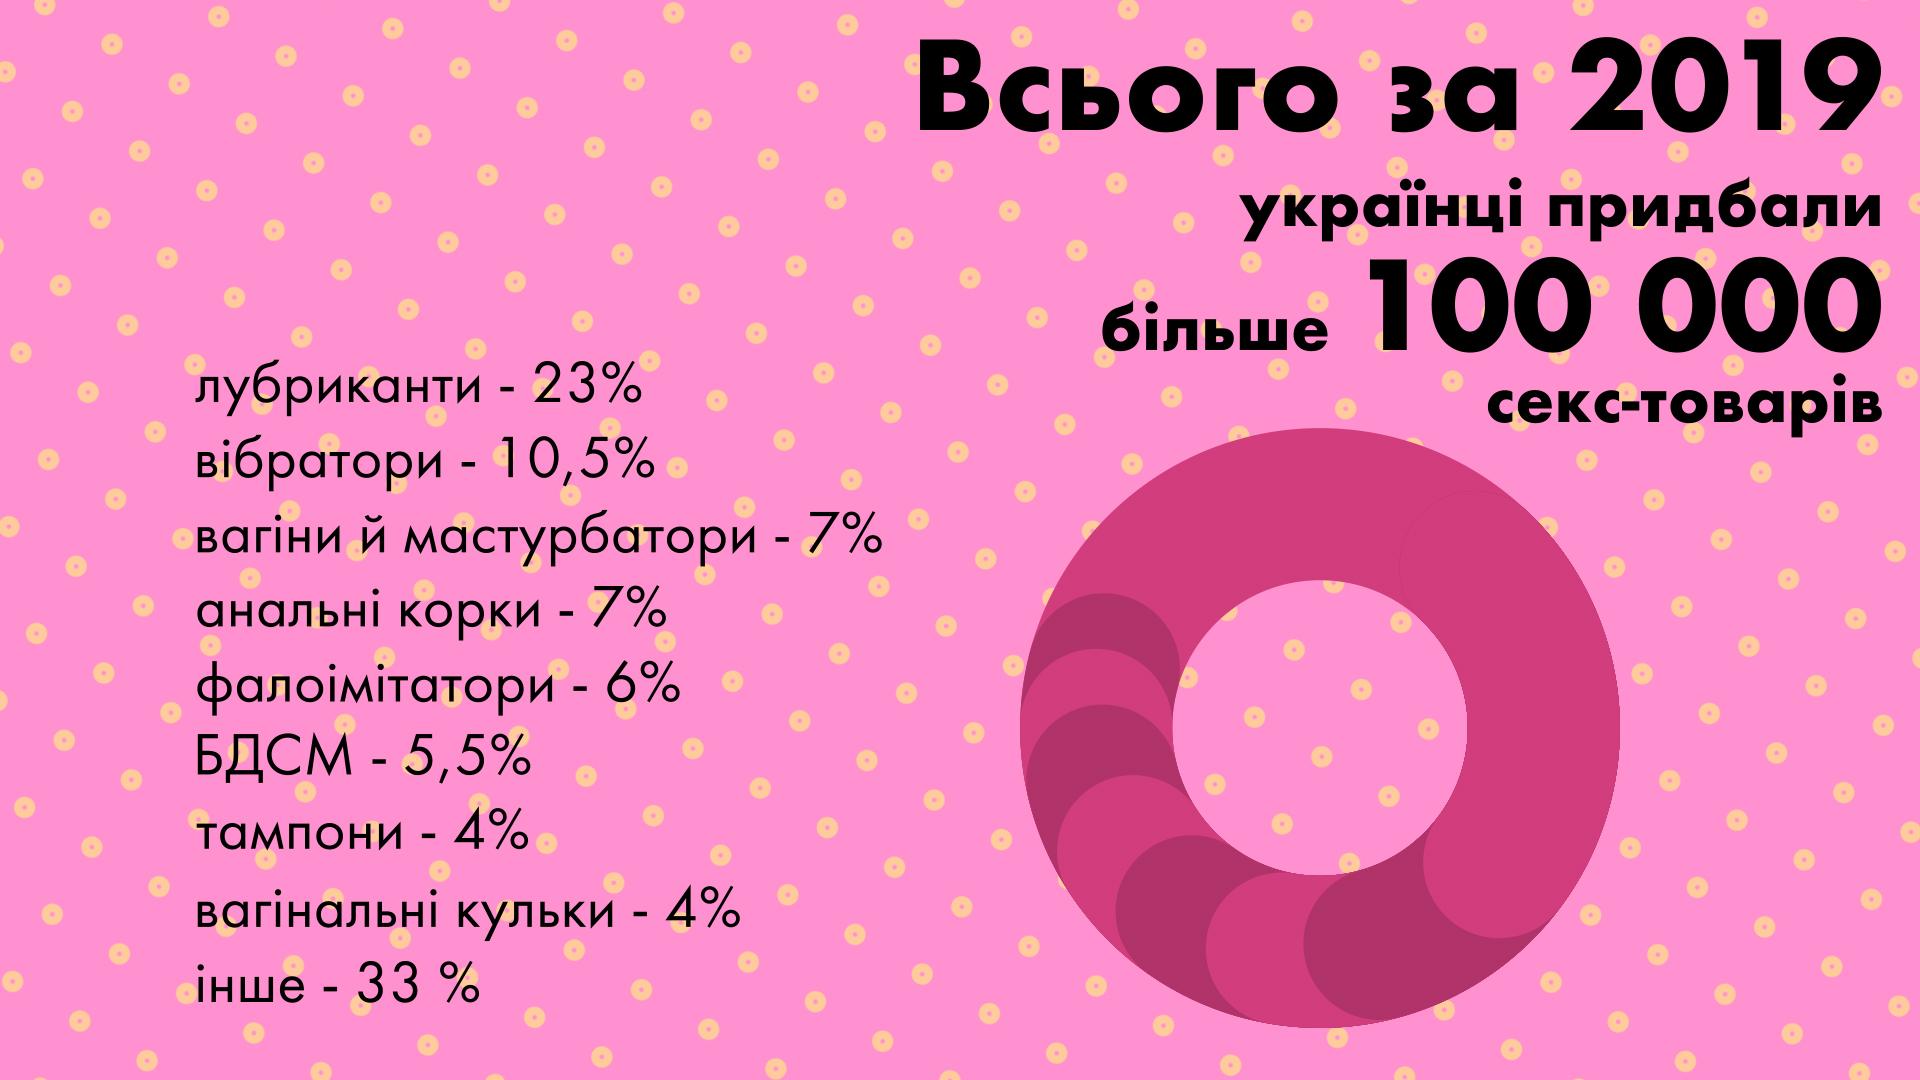 Более 100 тысяч товаров приобрели жители Украины для своего досуга